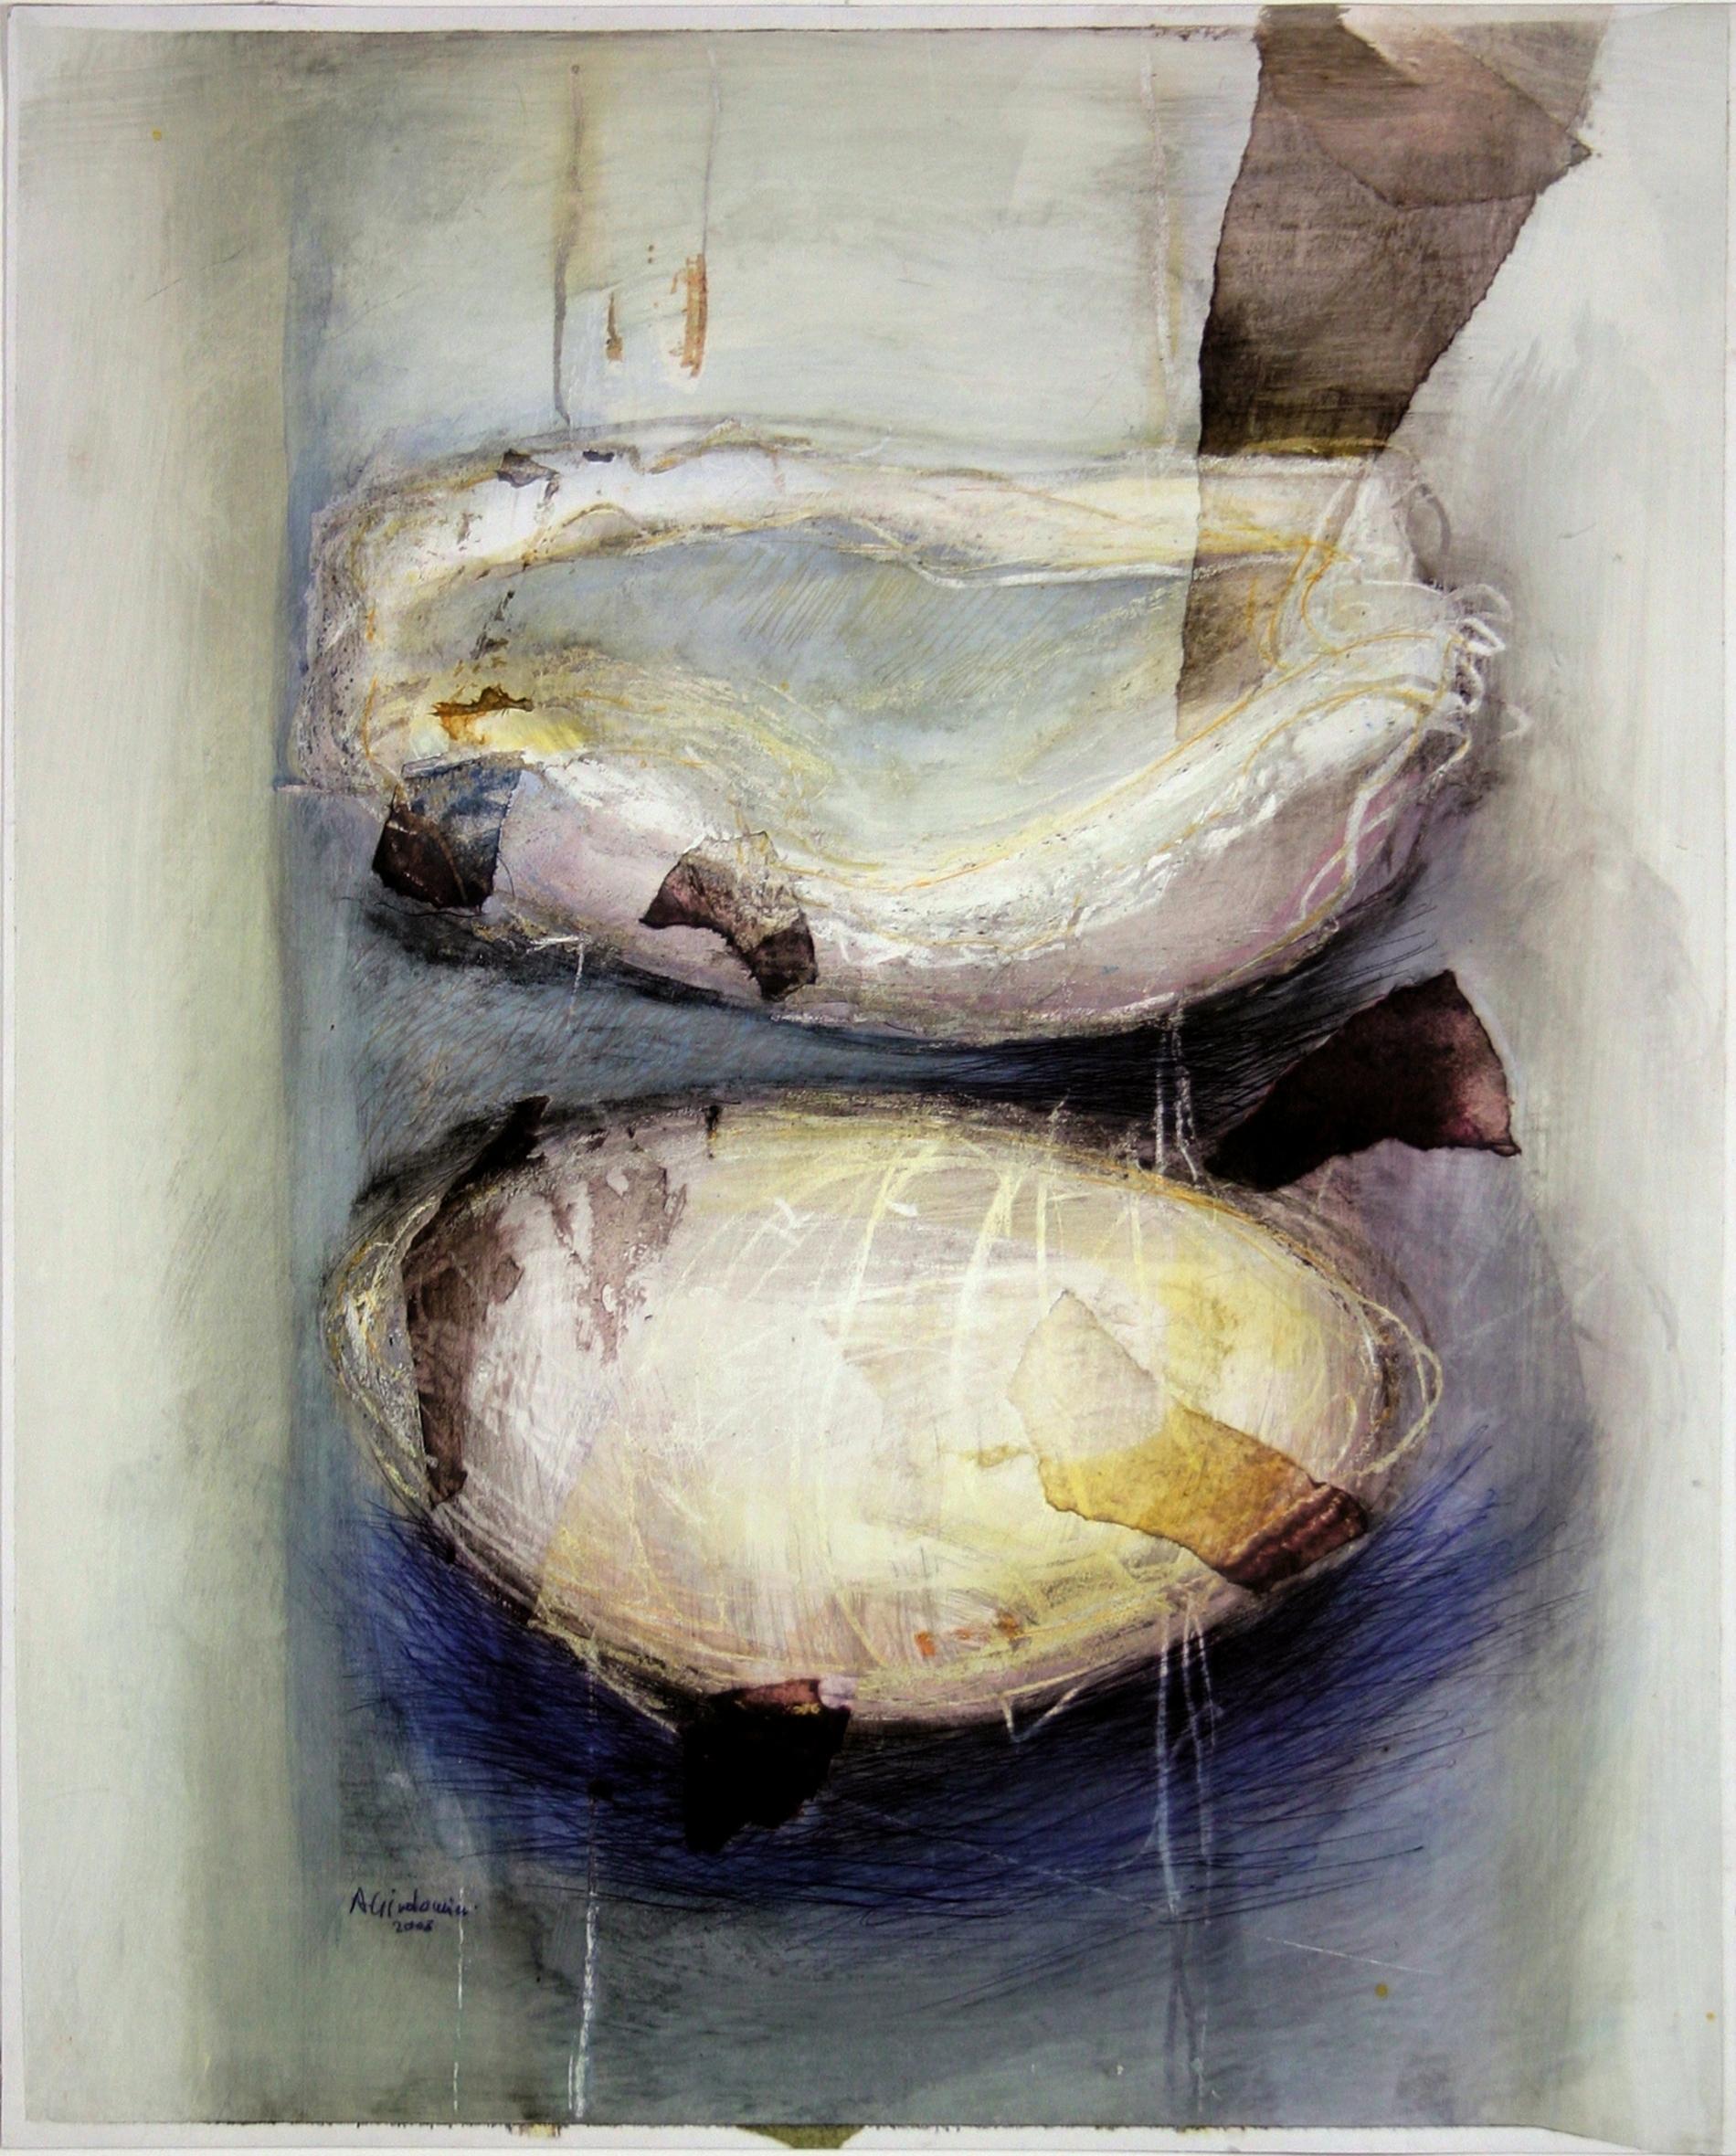 Anna Girolomini in mostra a Bologna con Aere